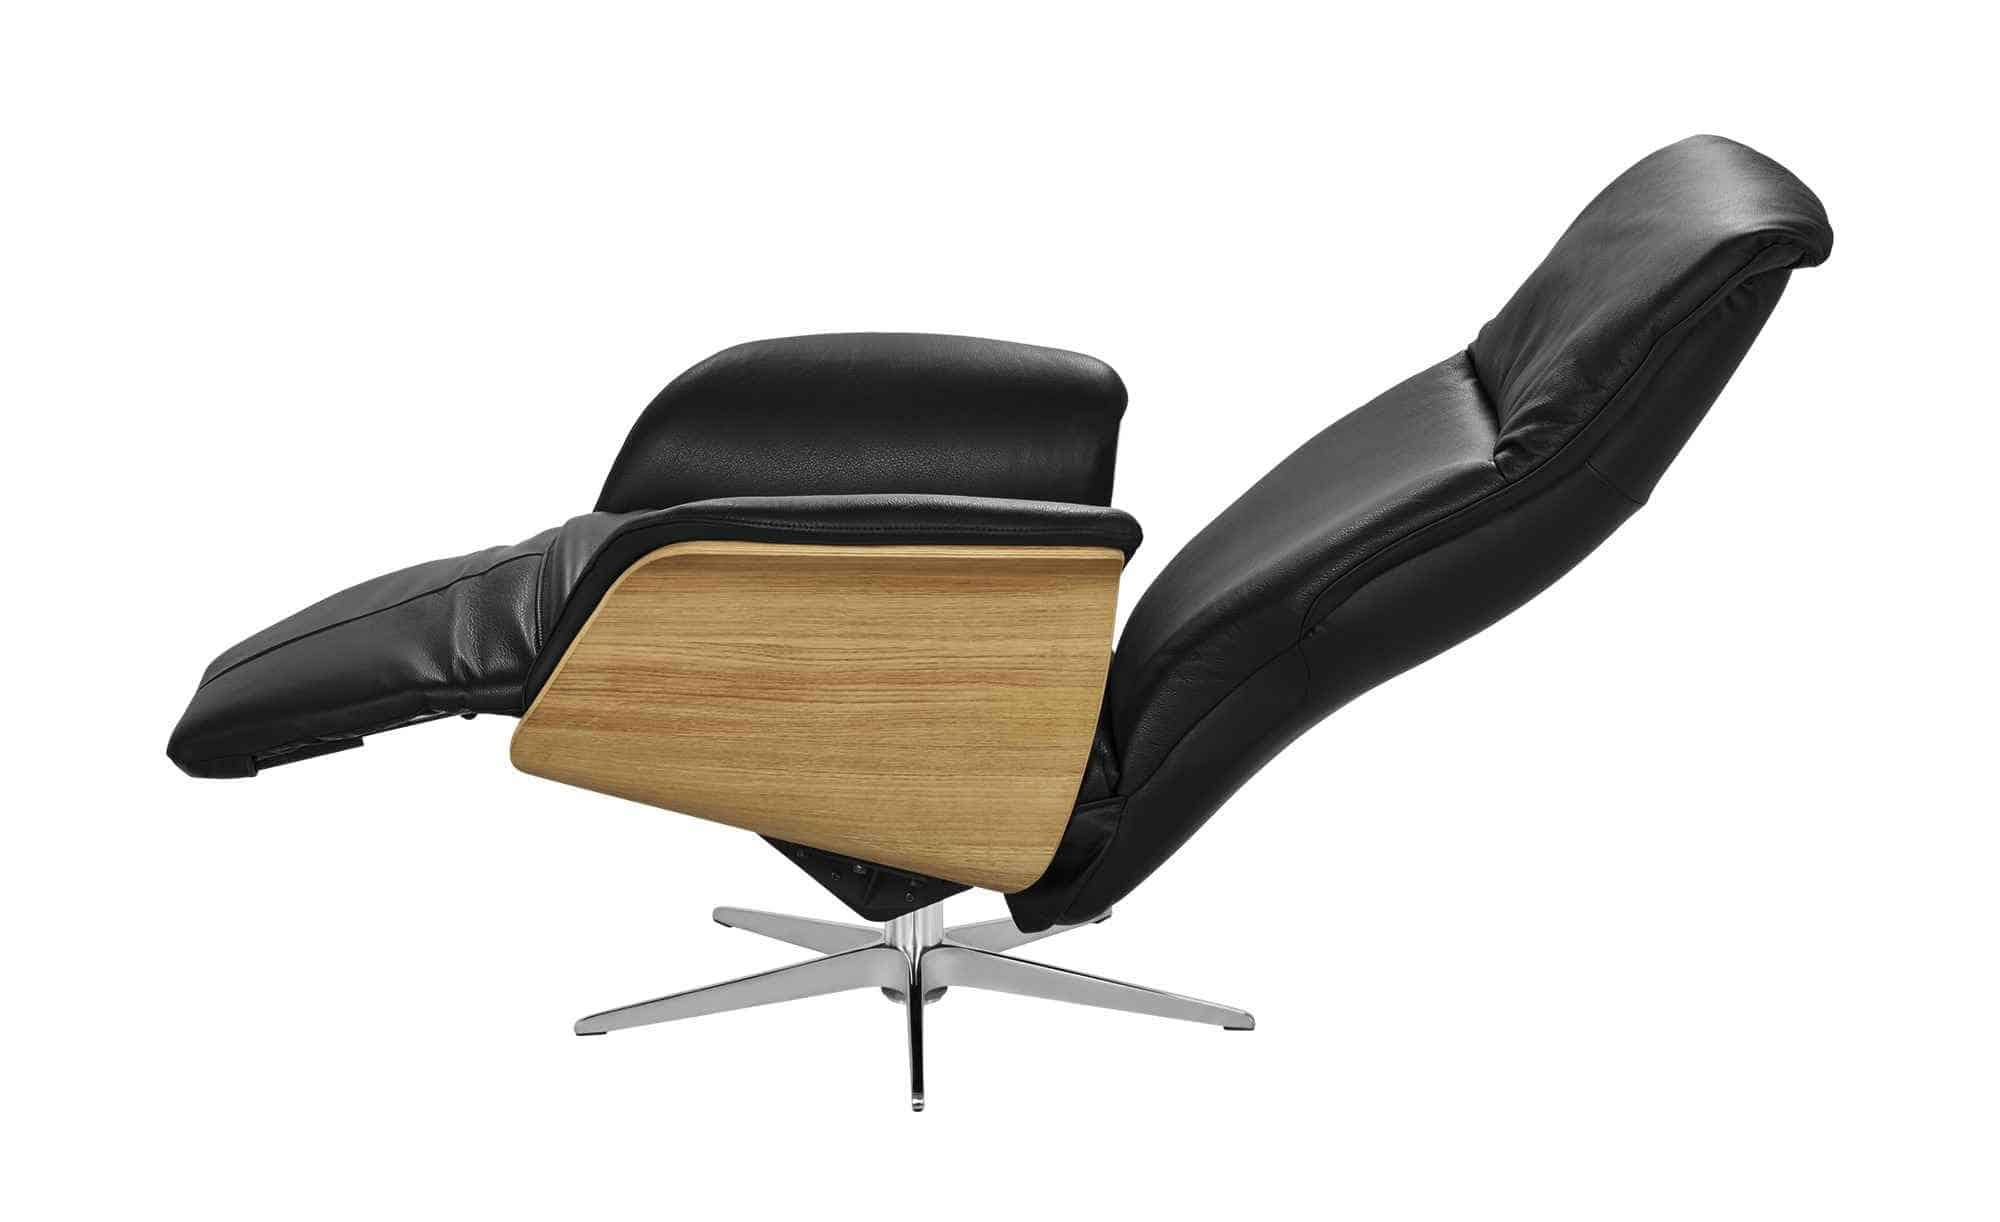 Relaxstoel Tuin Aanbieding : Relaxstoel zowel goedkope als moderne aanbiedingen flakko